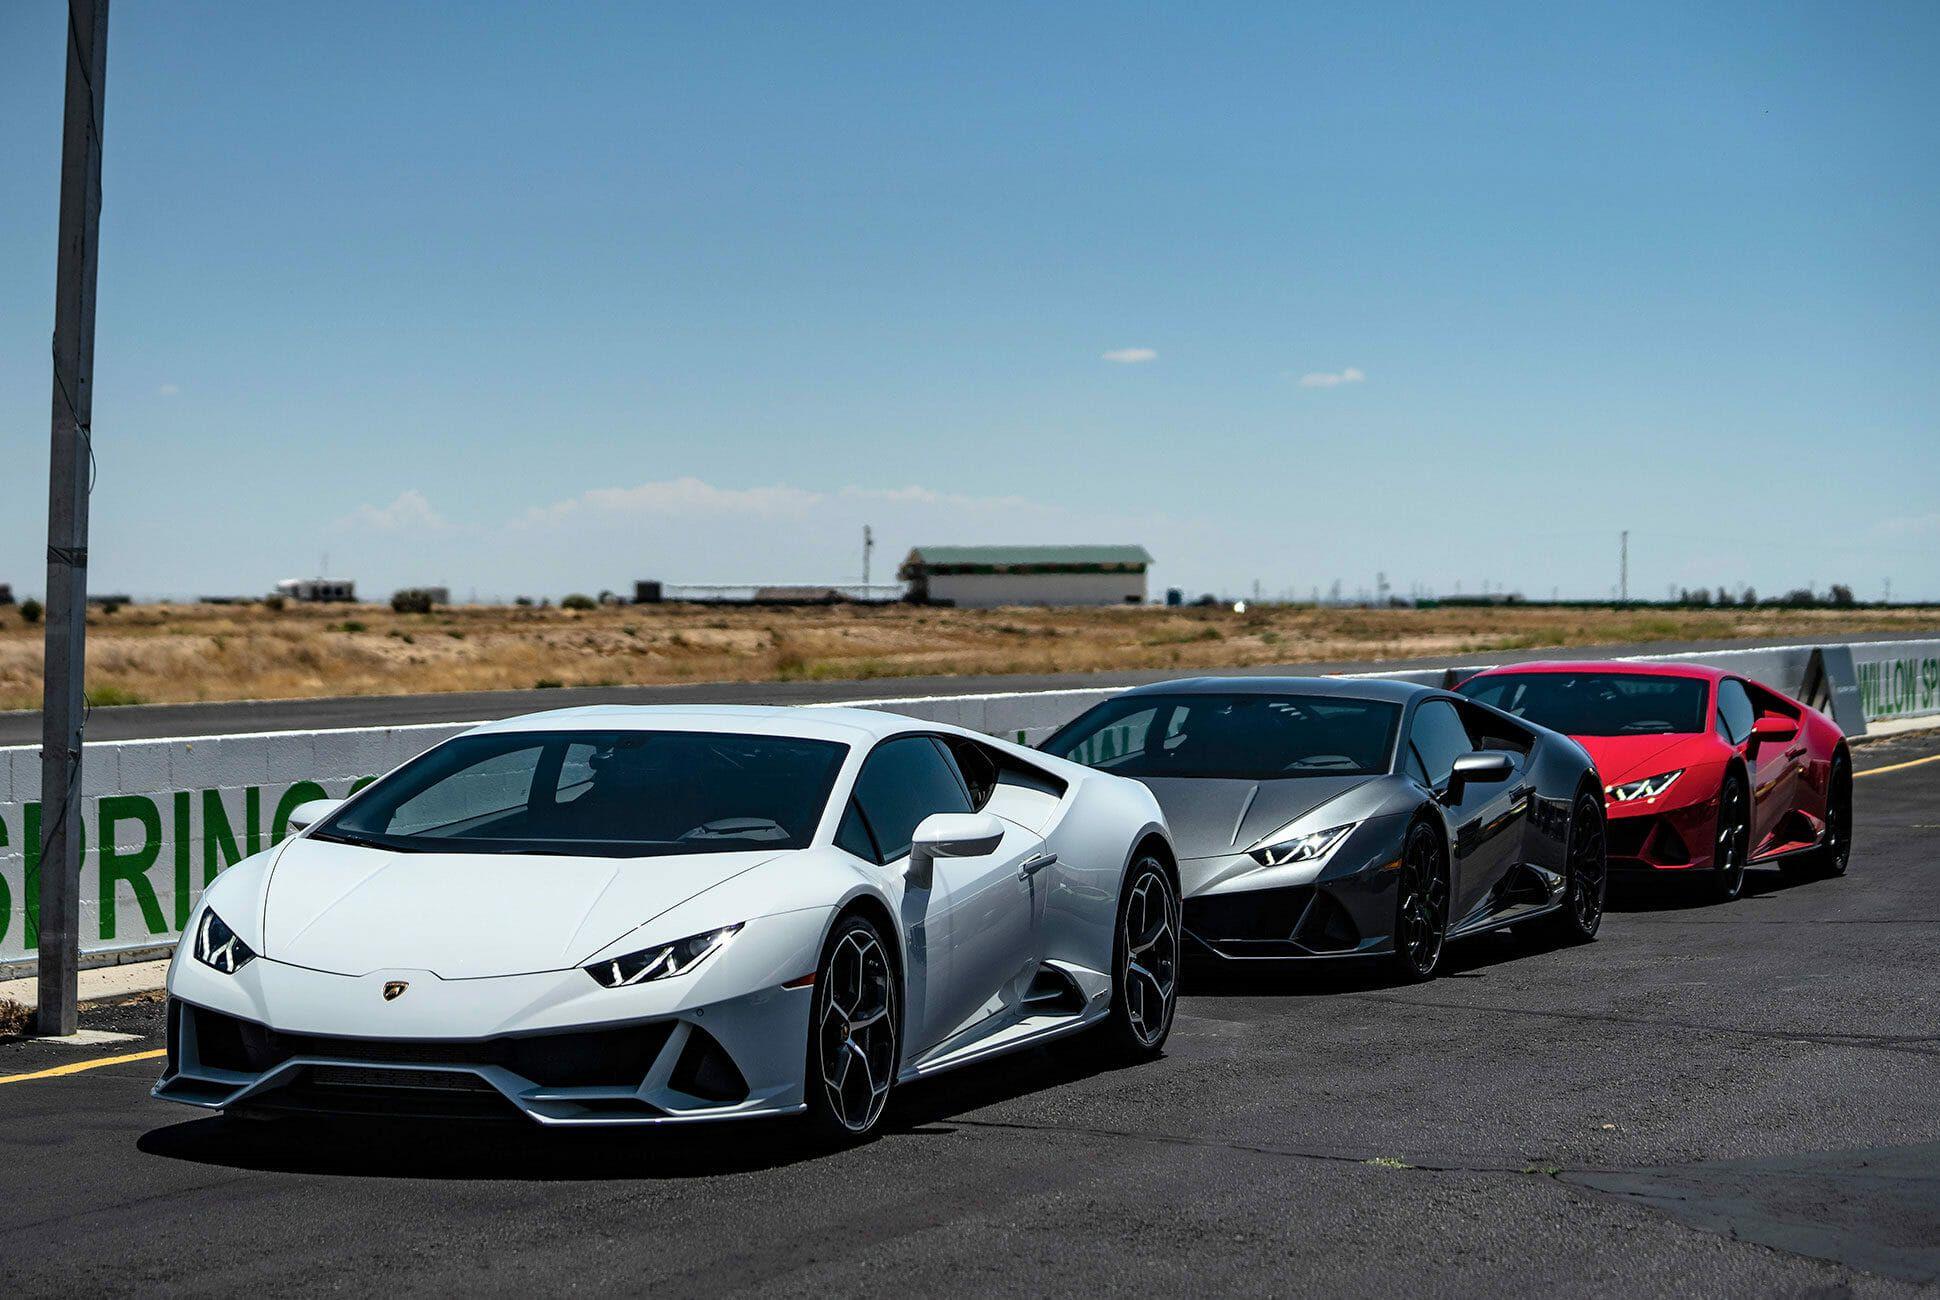 2020-Lamborghini-Huracan-EVO-Review-gear-patrol-slide-1